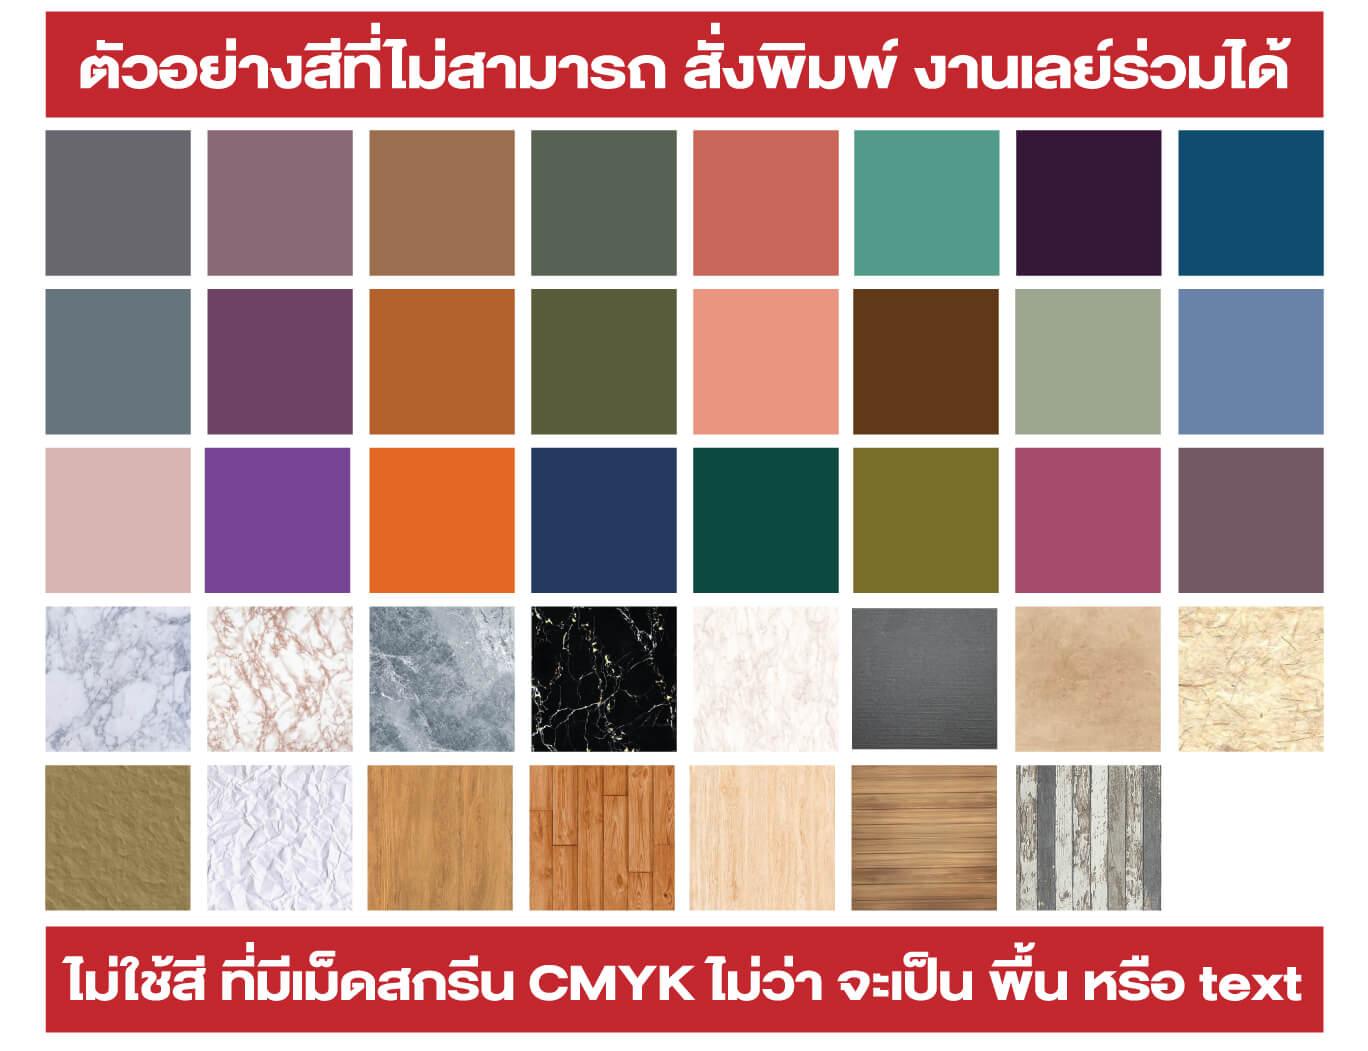 สีที่ไม่สามารถสั่งพิมพ์งานเลย์ร่วมได้